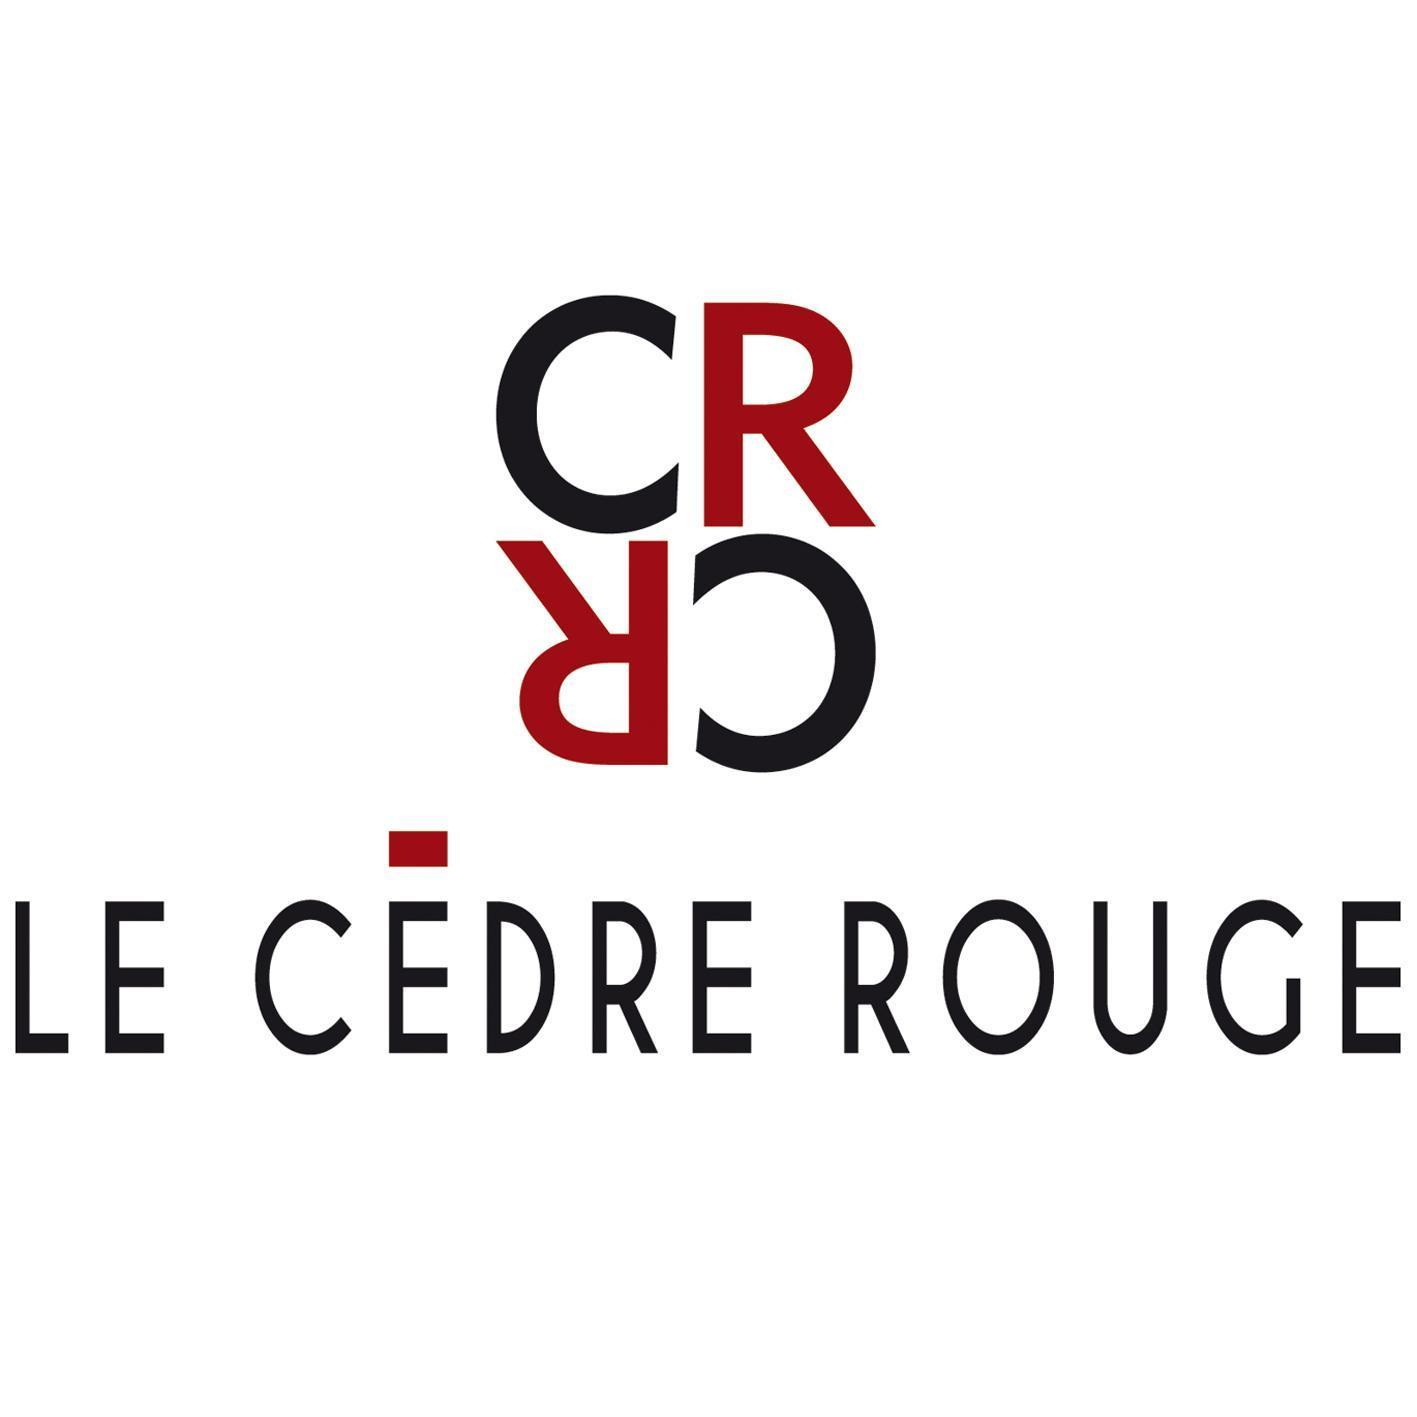 Le c dre rouge lecedrerouge twitter - Le cedre rouge catalogue ...